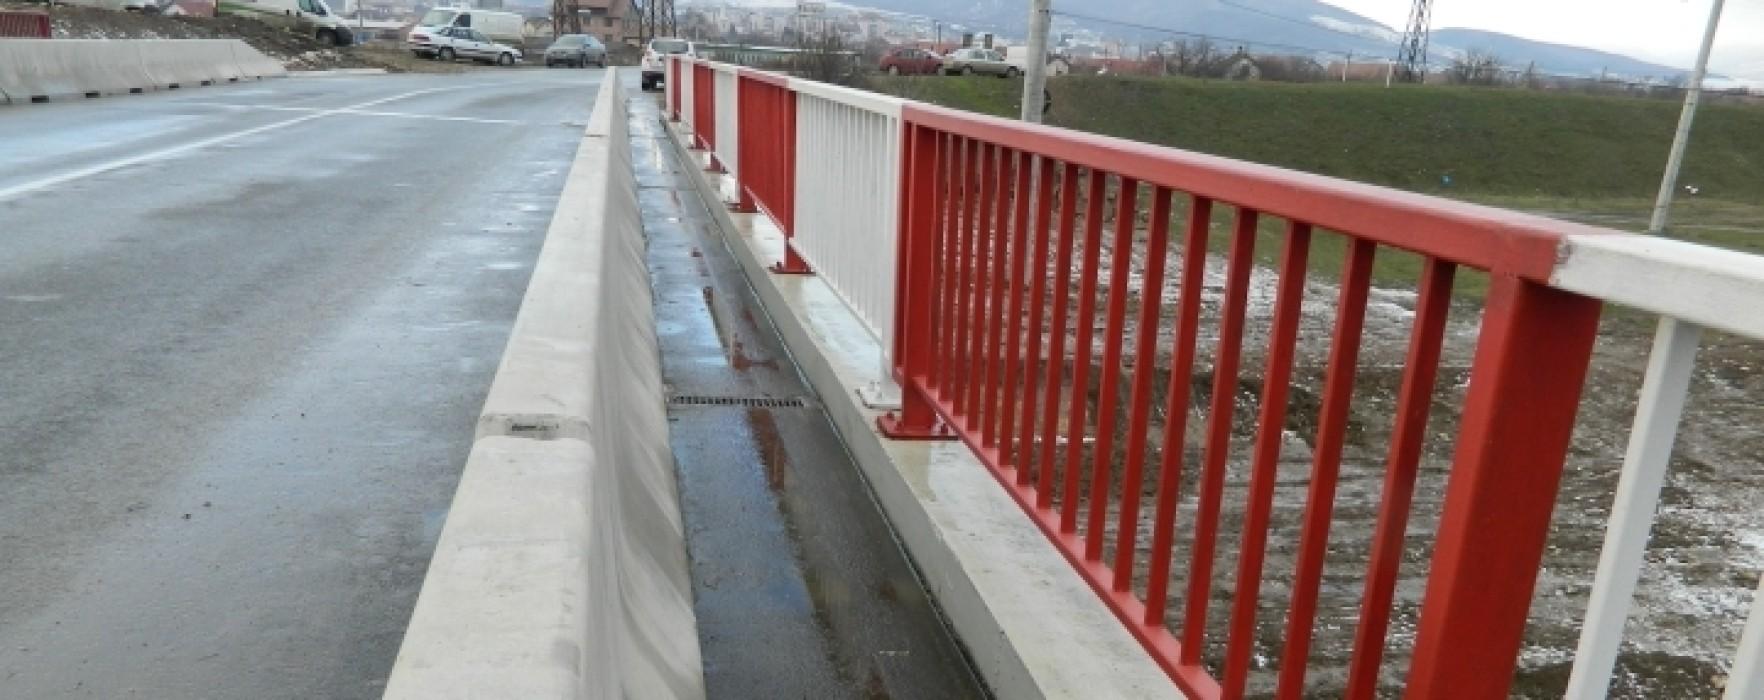 Podul de la Finta, închis circulaţiei din cauza eroziunii malului râului Ialomiţa